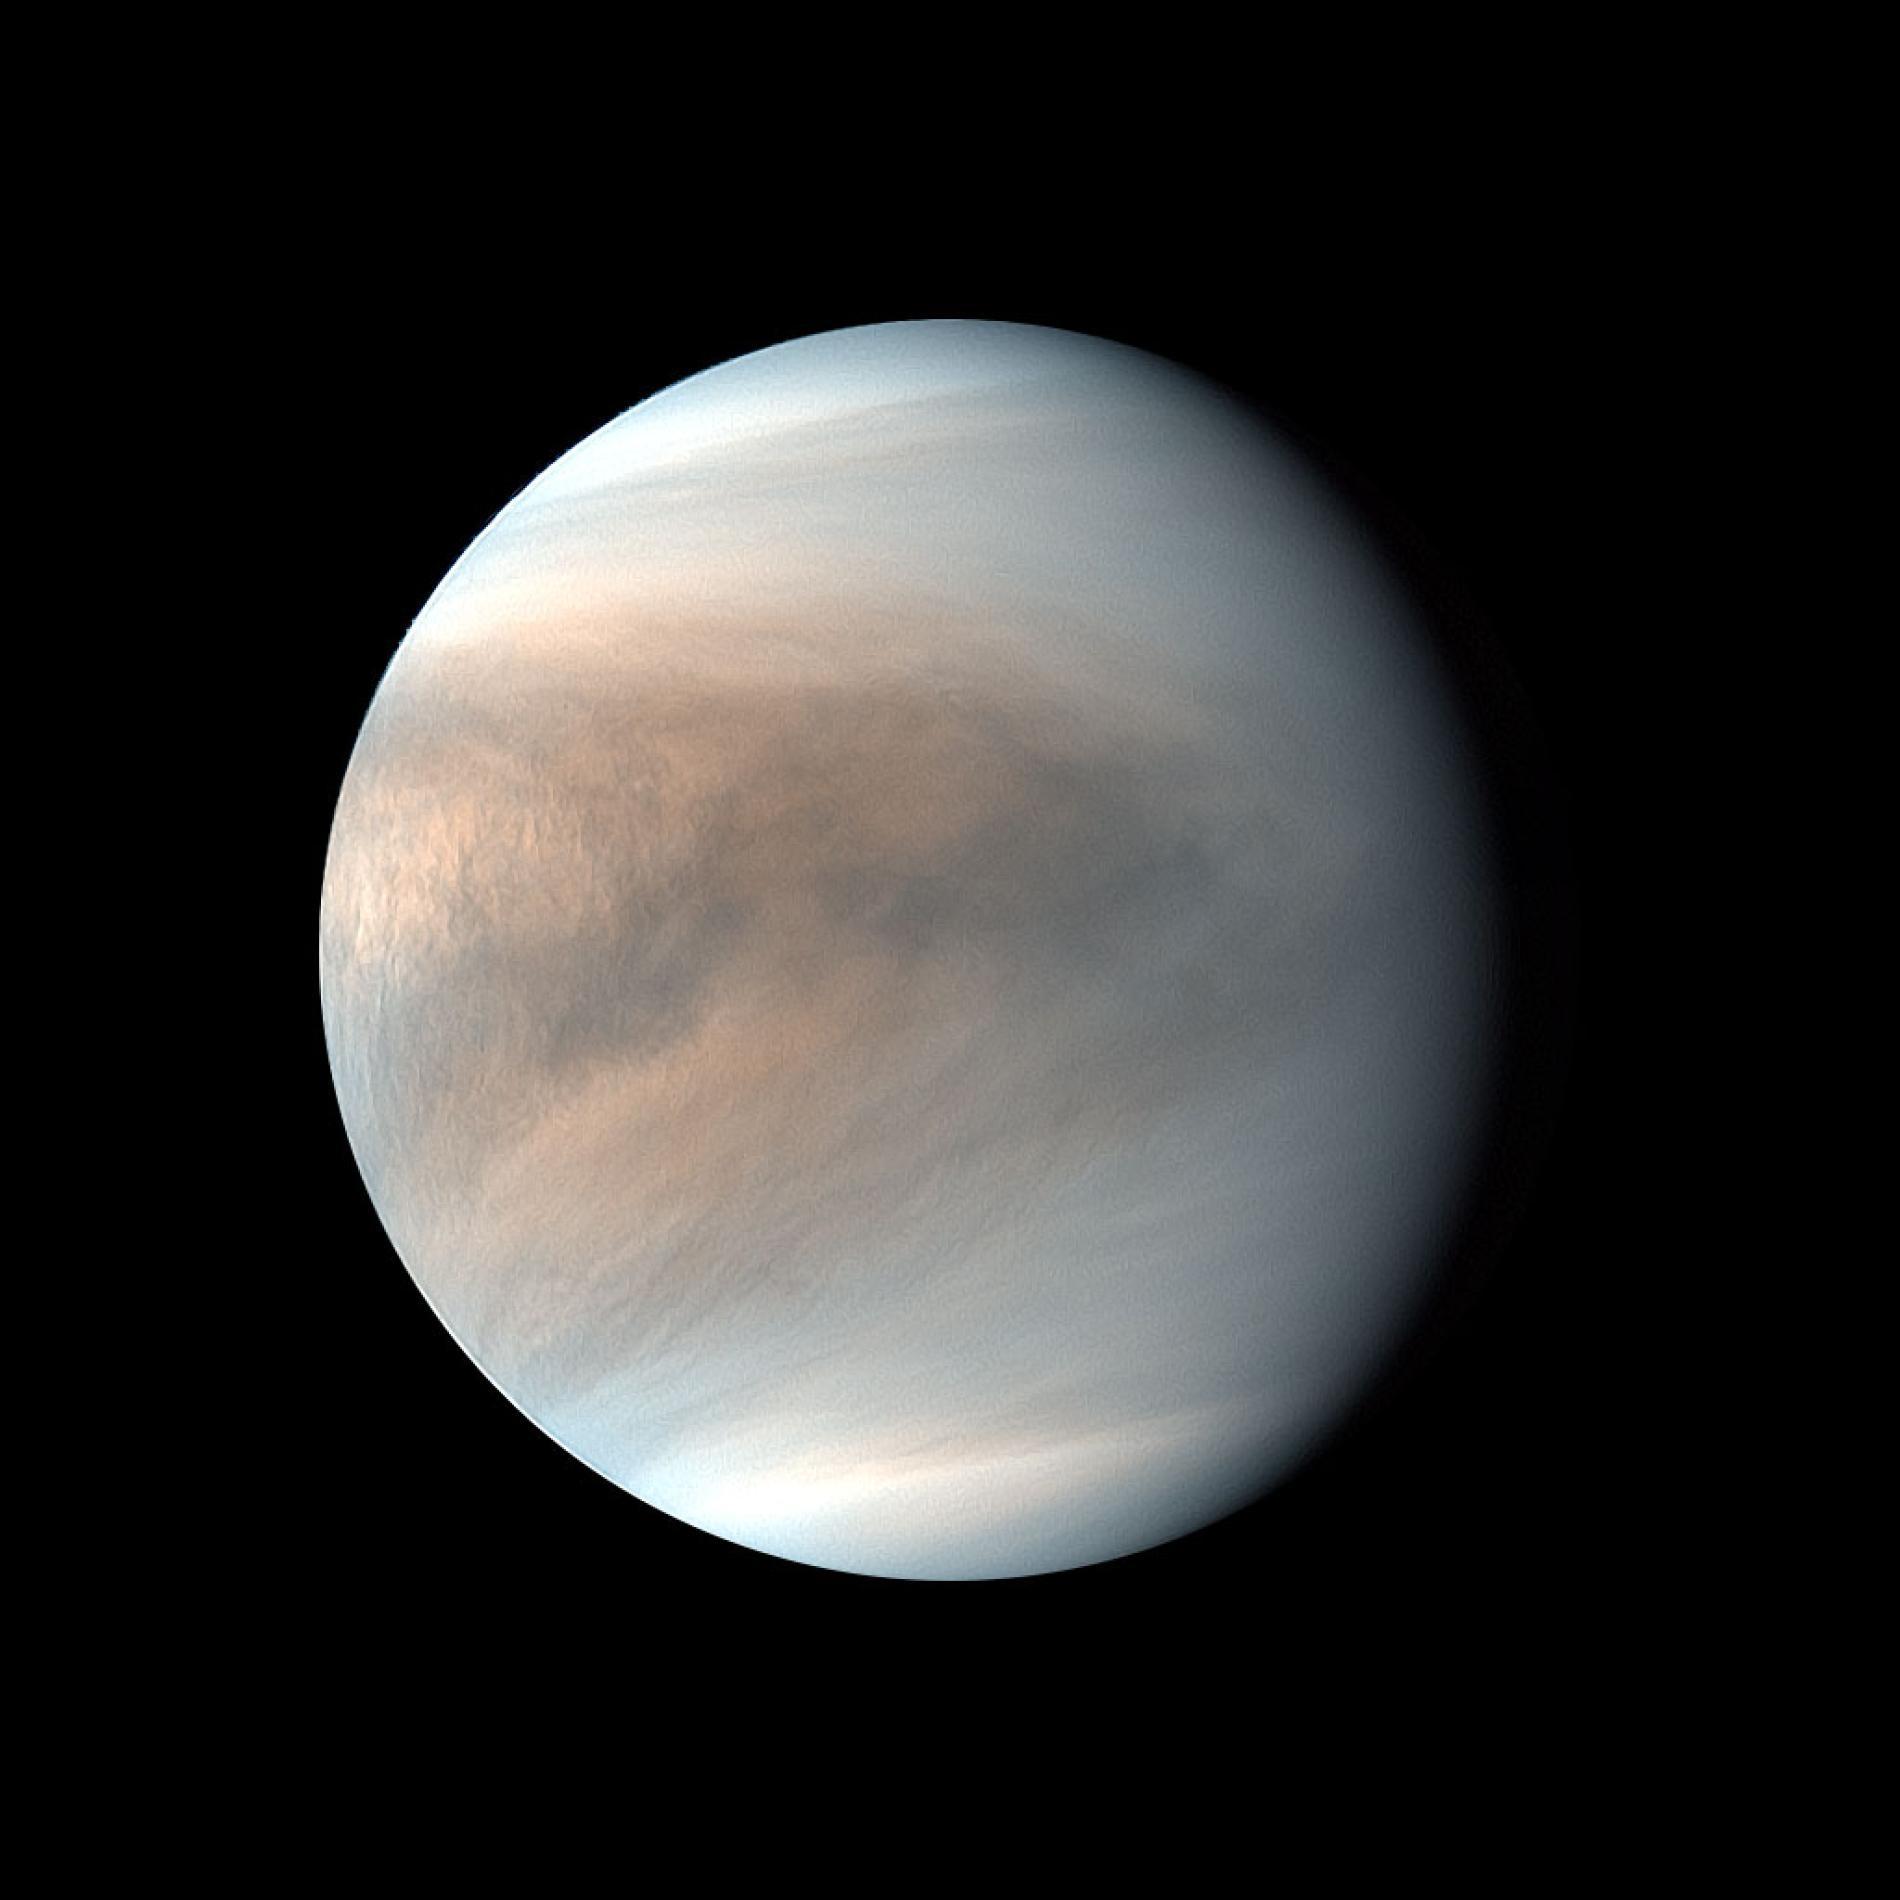 我們可以從日本破曉號太空船所拍攝的金星紫外線假色影像中,看到金星雲層的模樣。PHOTOGRAPH BY JAXA/PLANET-C PROJECT TEAM